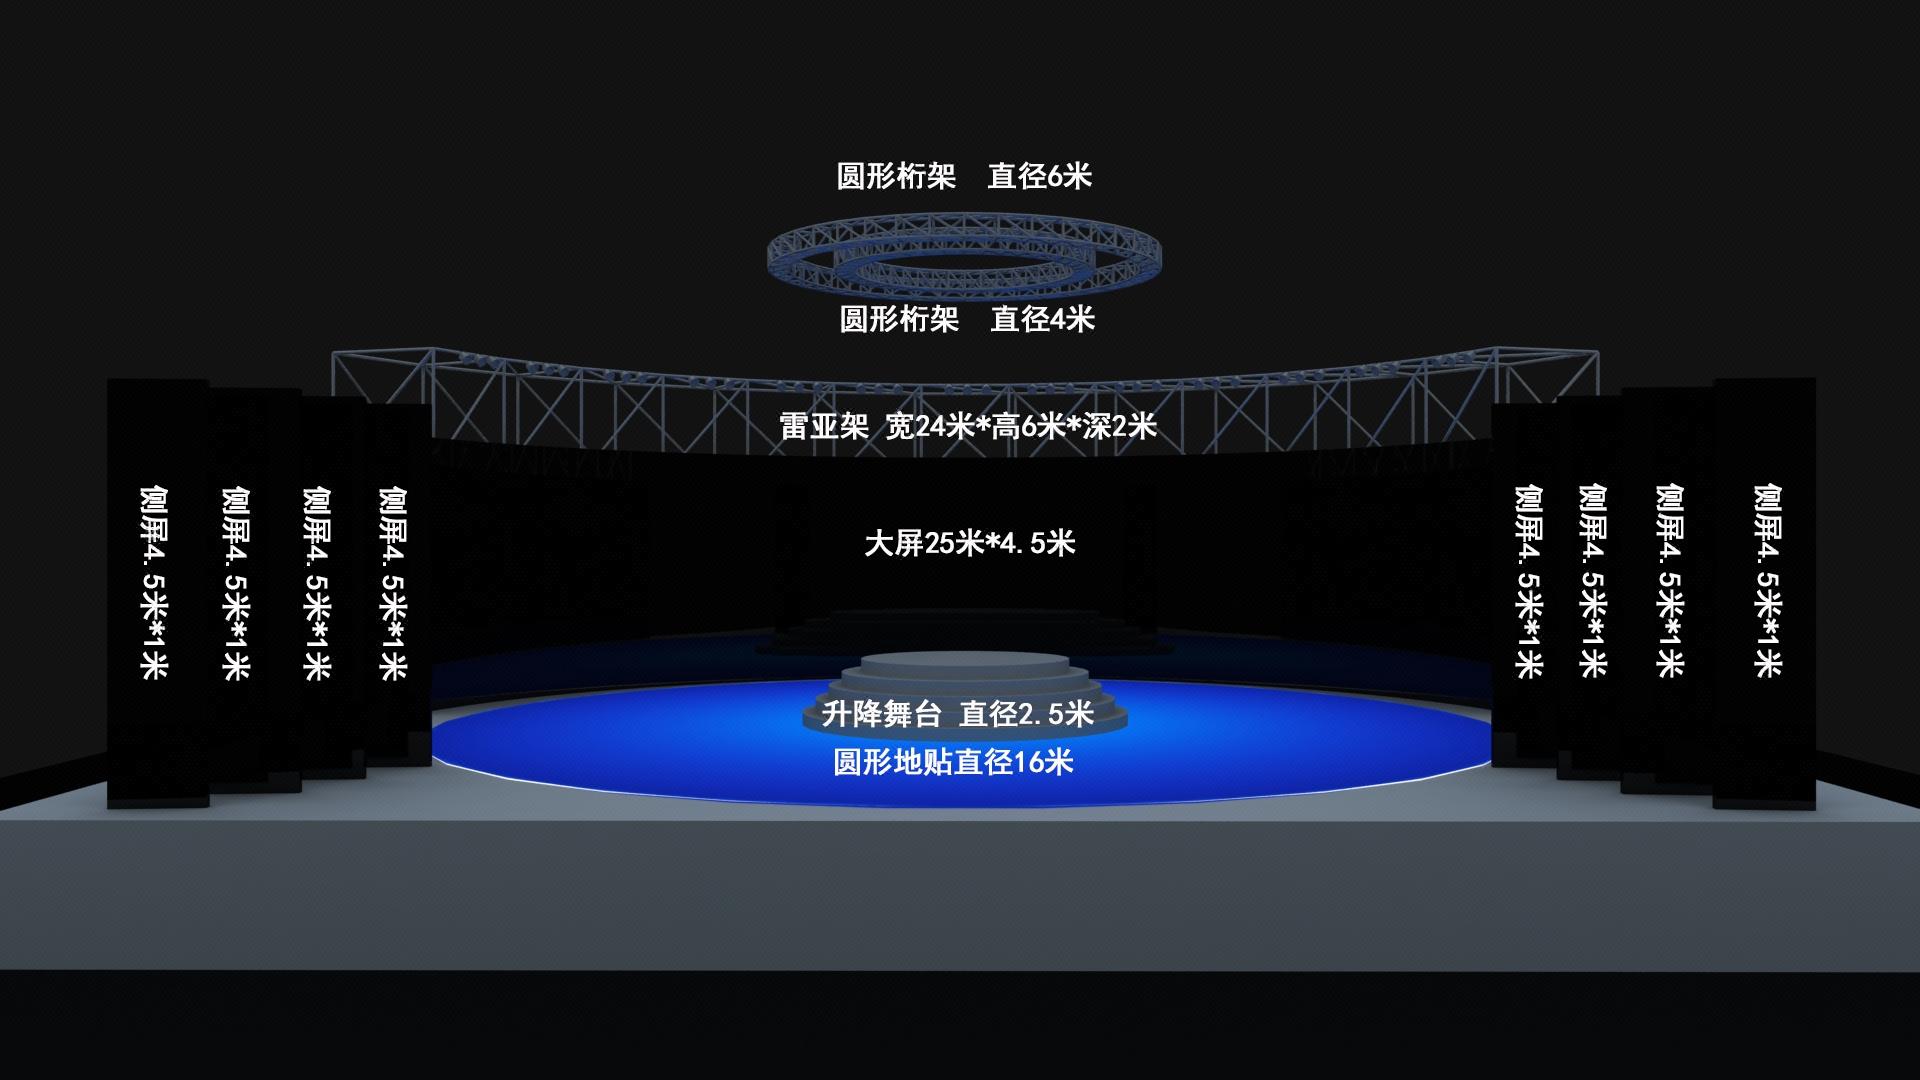 【舞台设计/搭建】 展会舞台led屏幕灯光音响